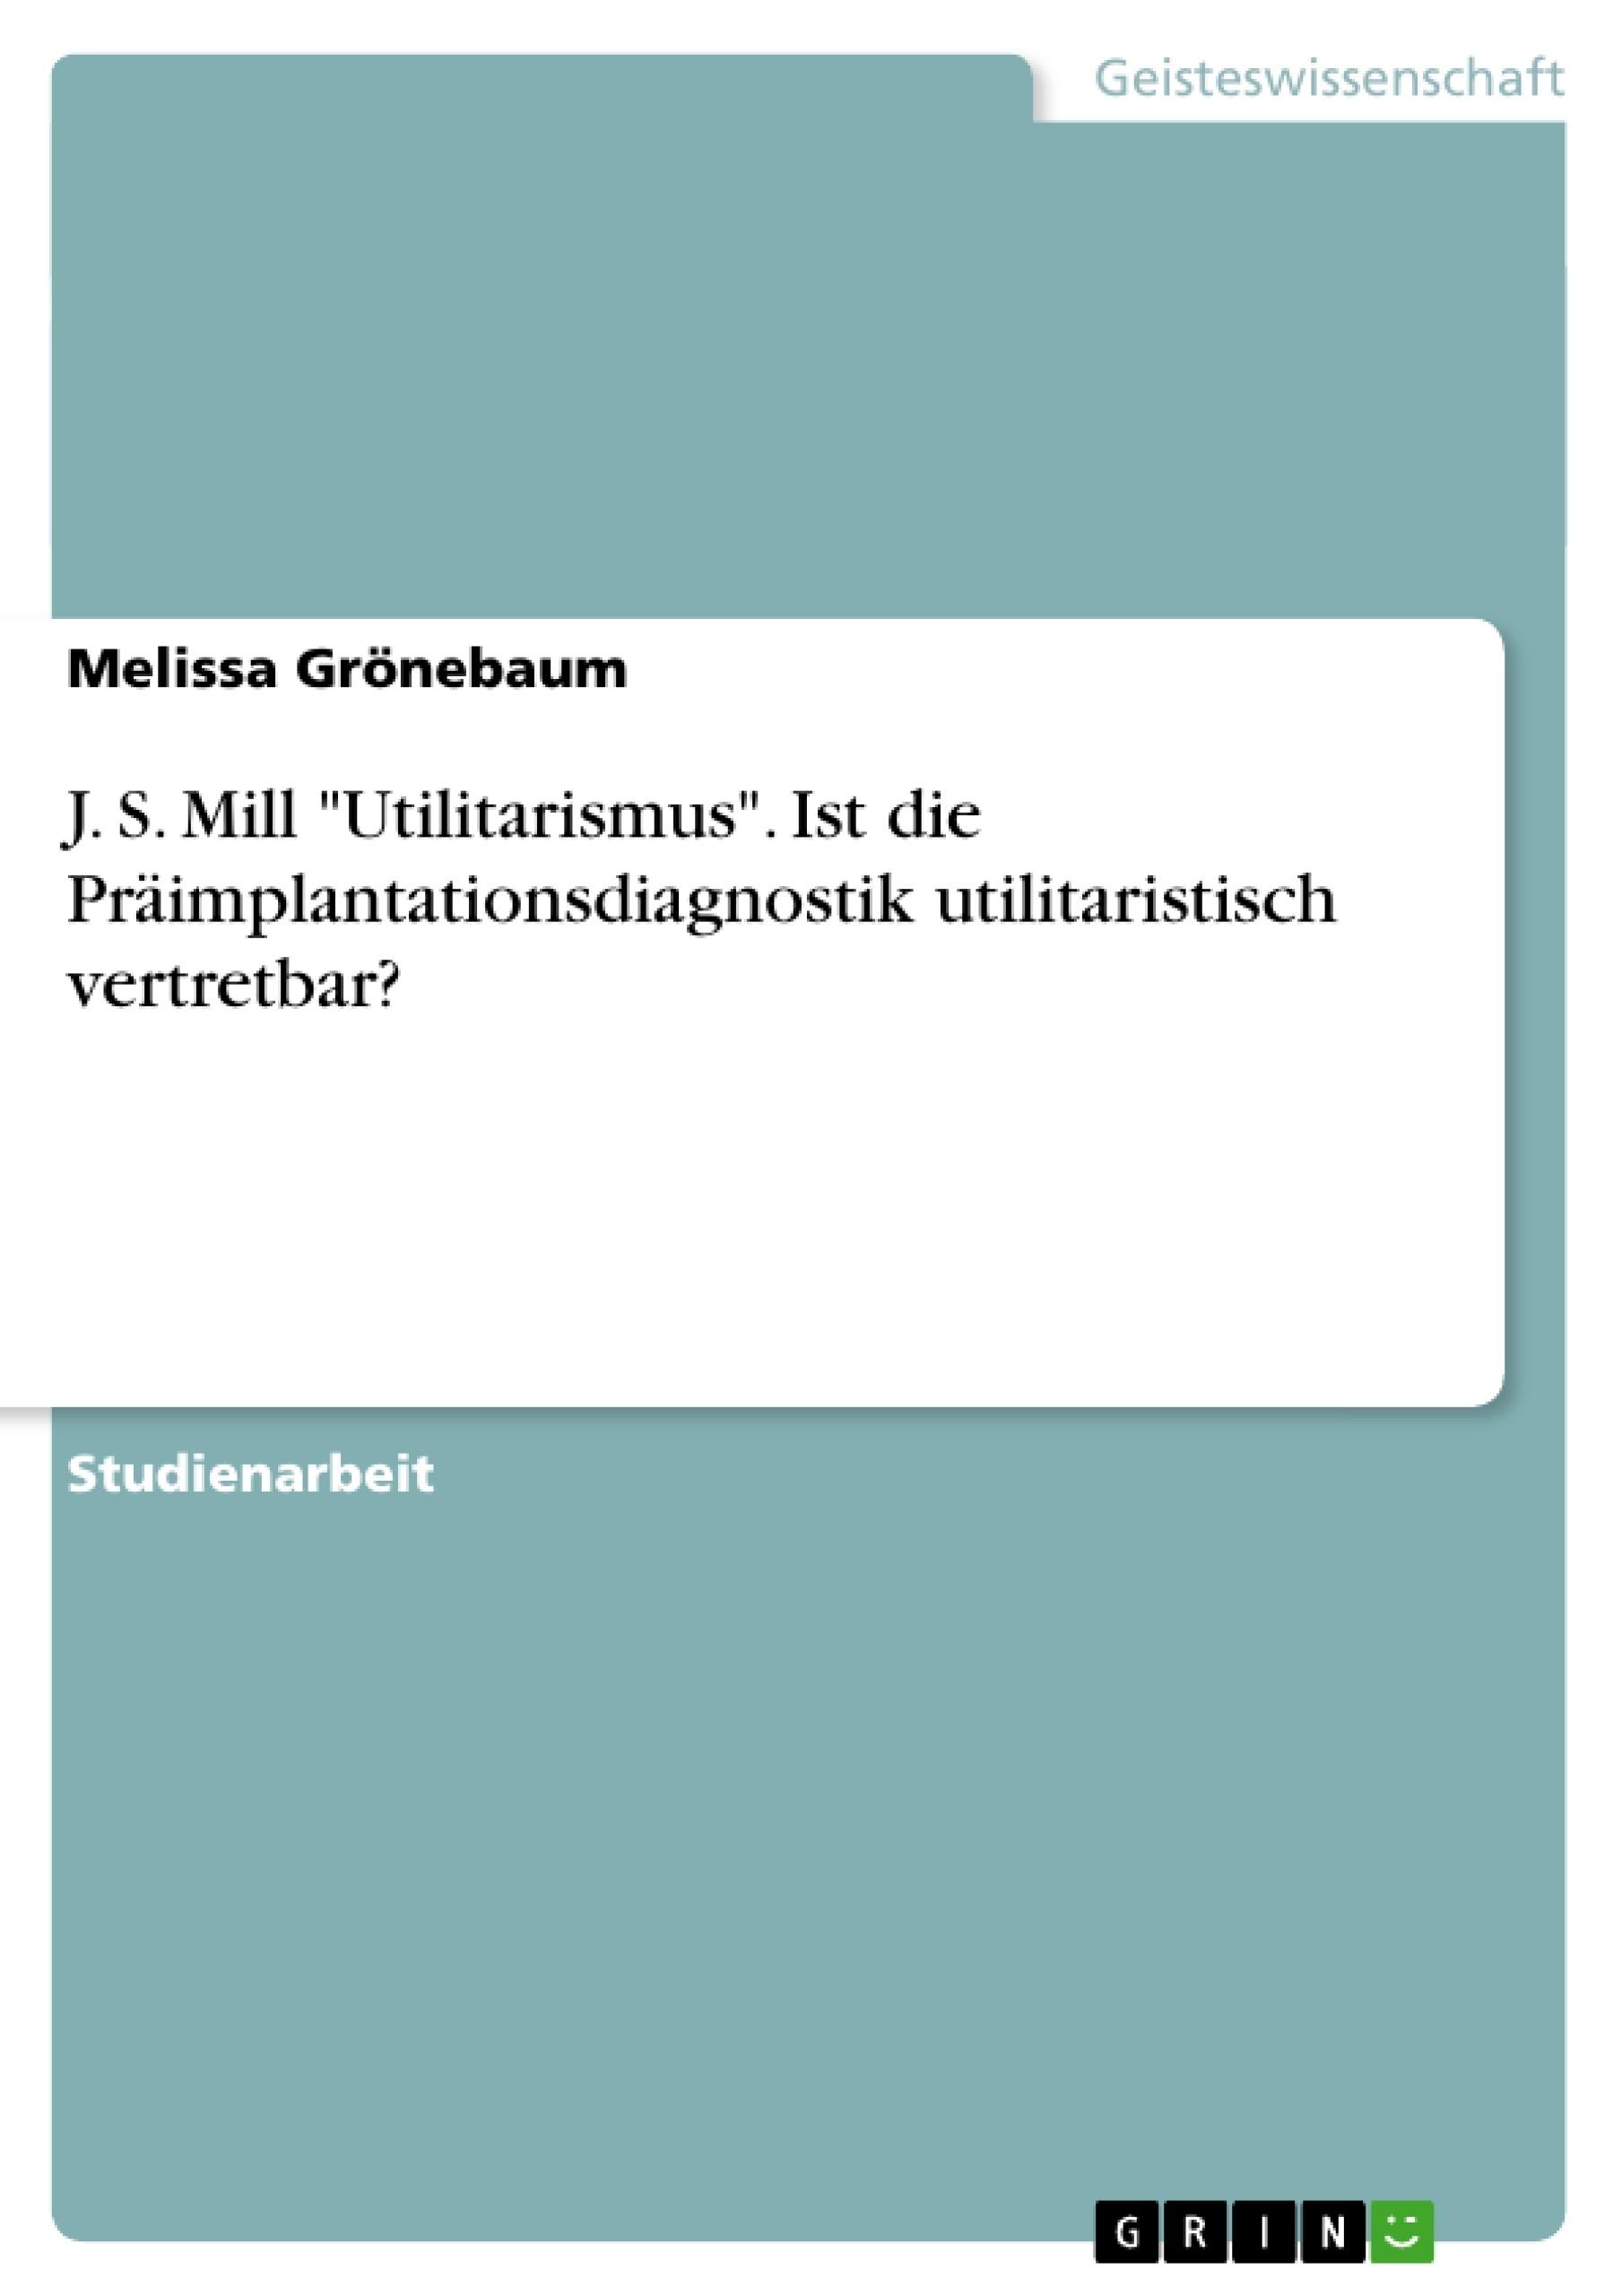 """Titel: J. S. Mill """"Utilitarismus"""". Ist die Präimplantationsdiagnostik  utilitaristisch vertretbar?"""